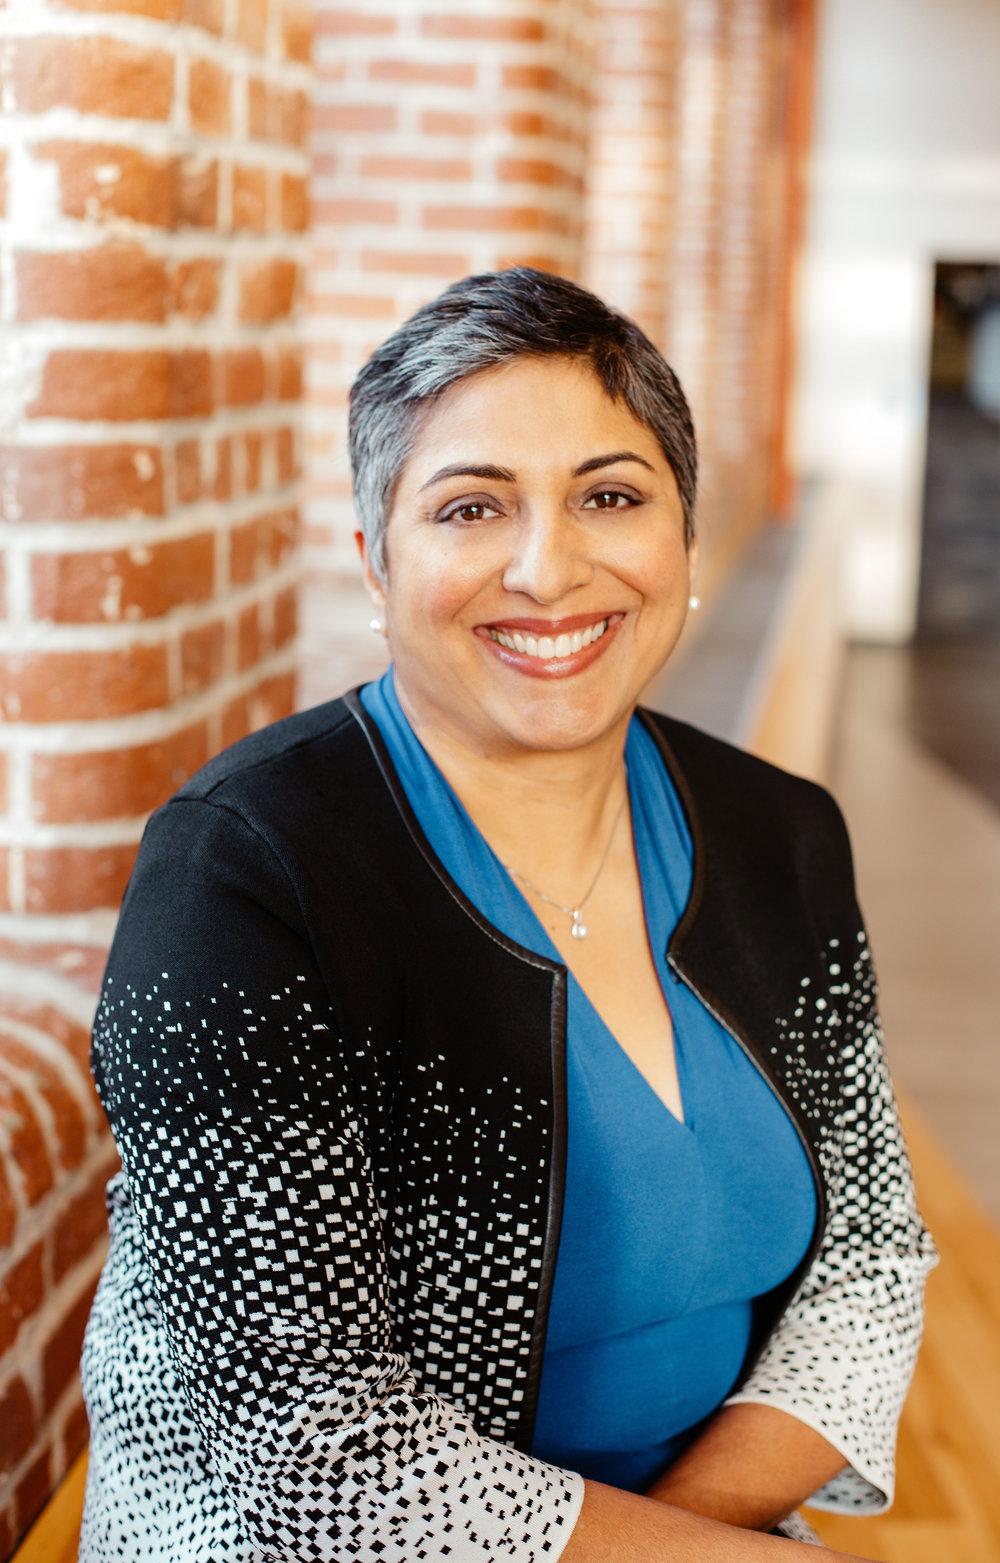 Executive Headshot Photographer Joy LeDuc Greater Boston